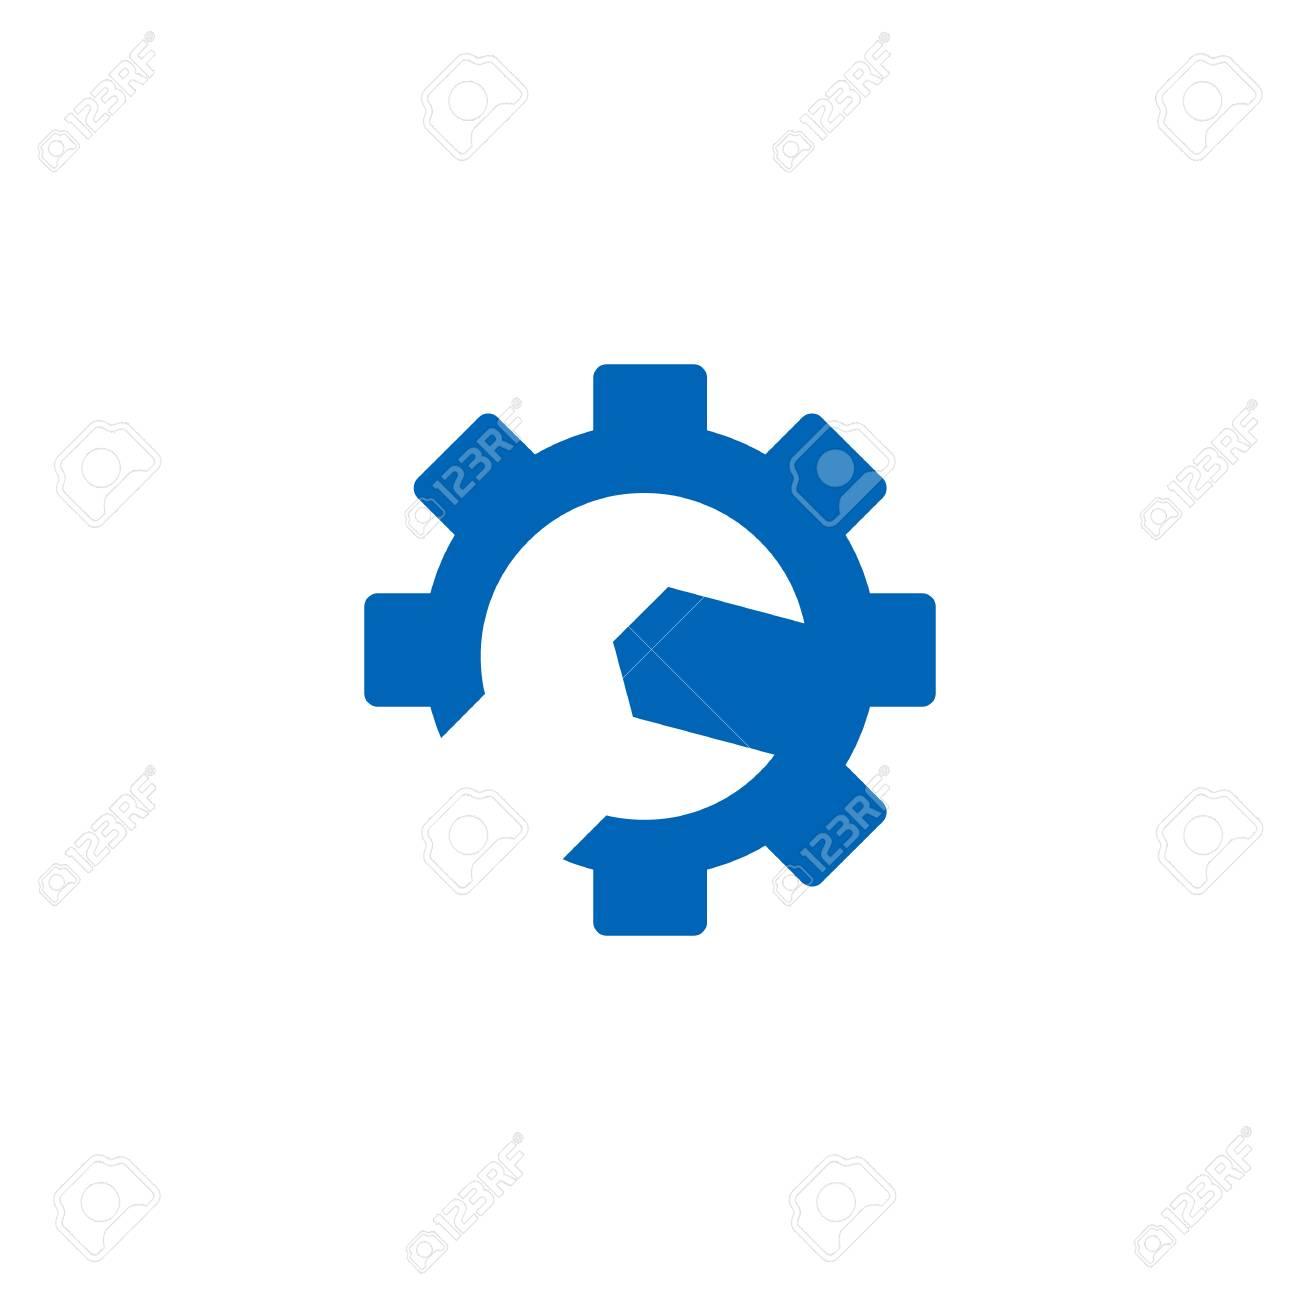 Repair Tool Logo Icon Design - 106096428